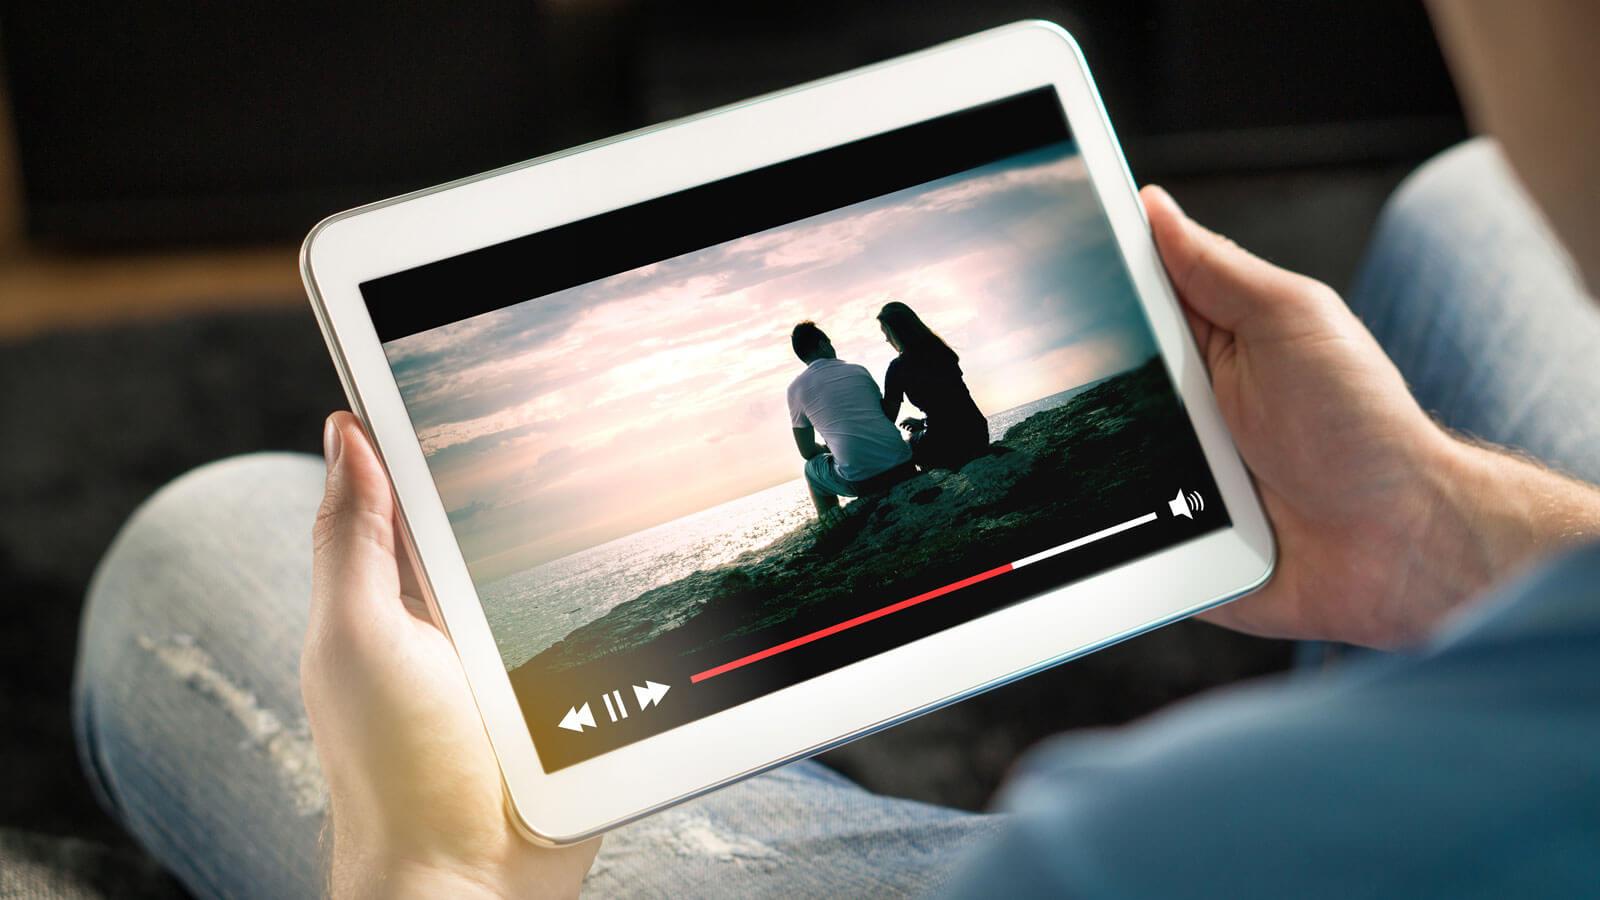 Siti Legali Per Guardare Film In Streaming Giardiniblog